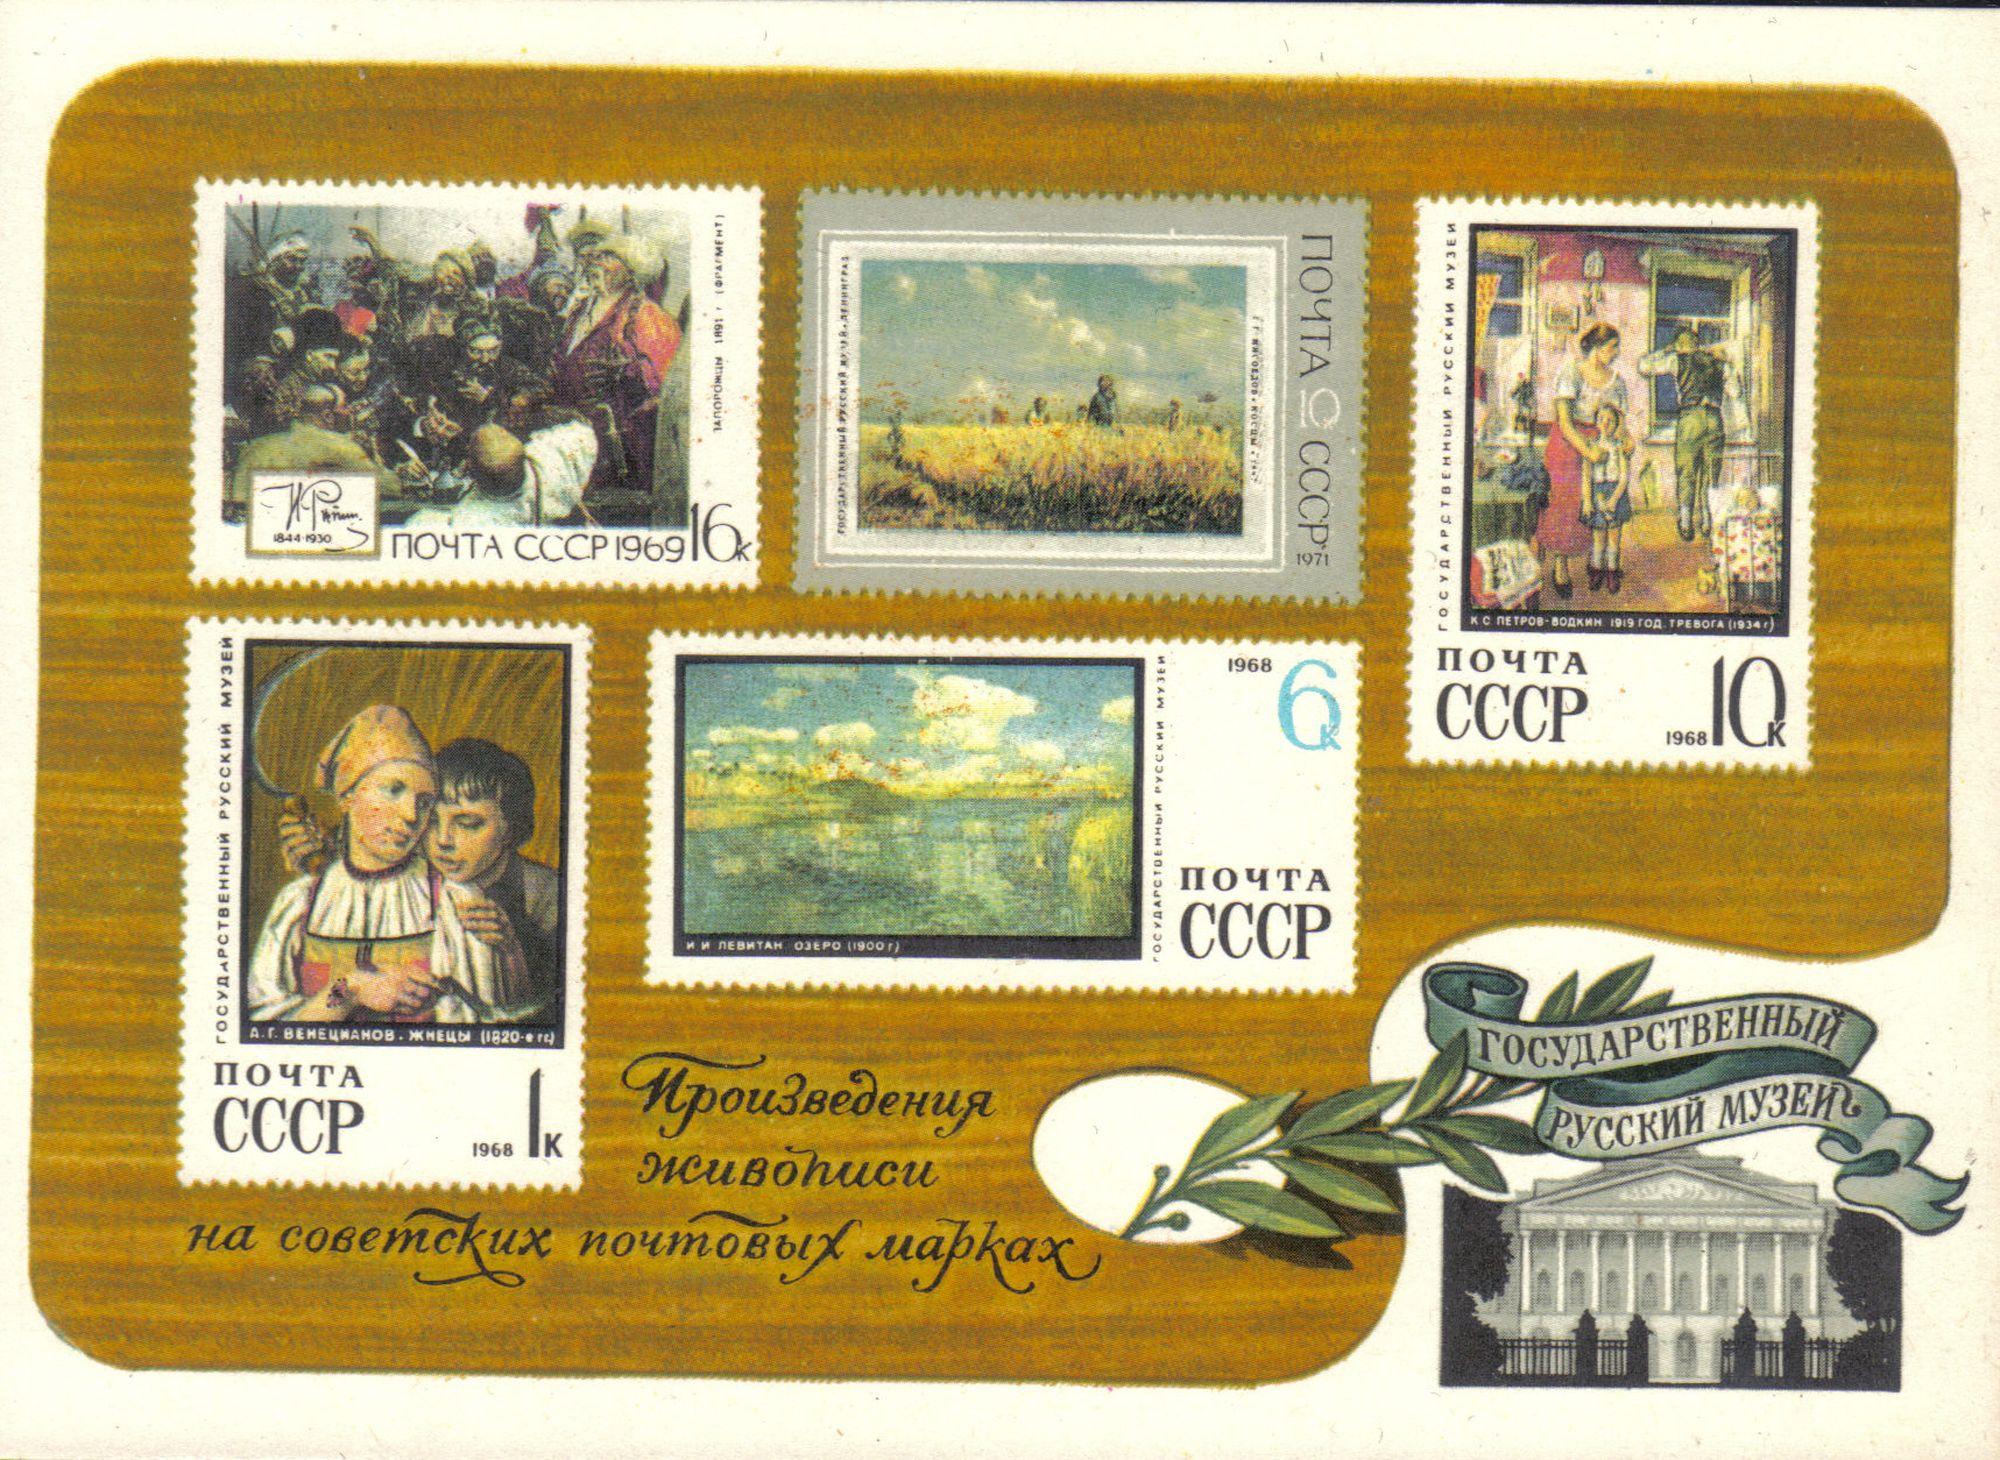 Стоимость марки по россии на открытку 8839